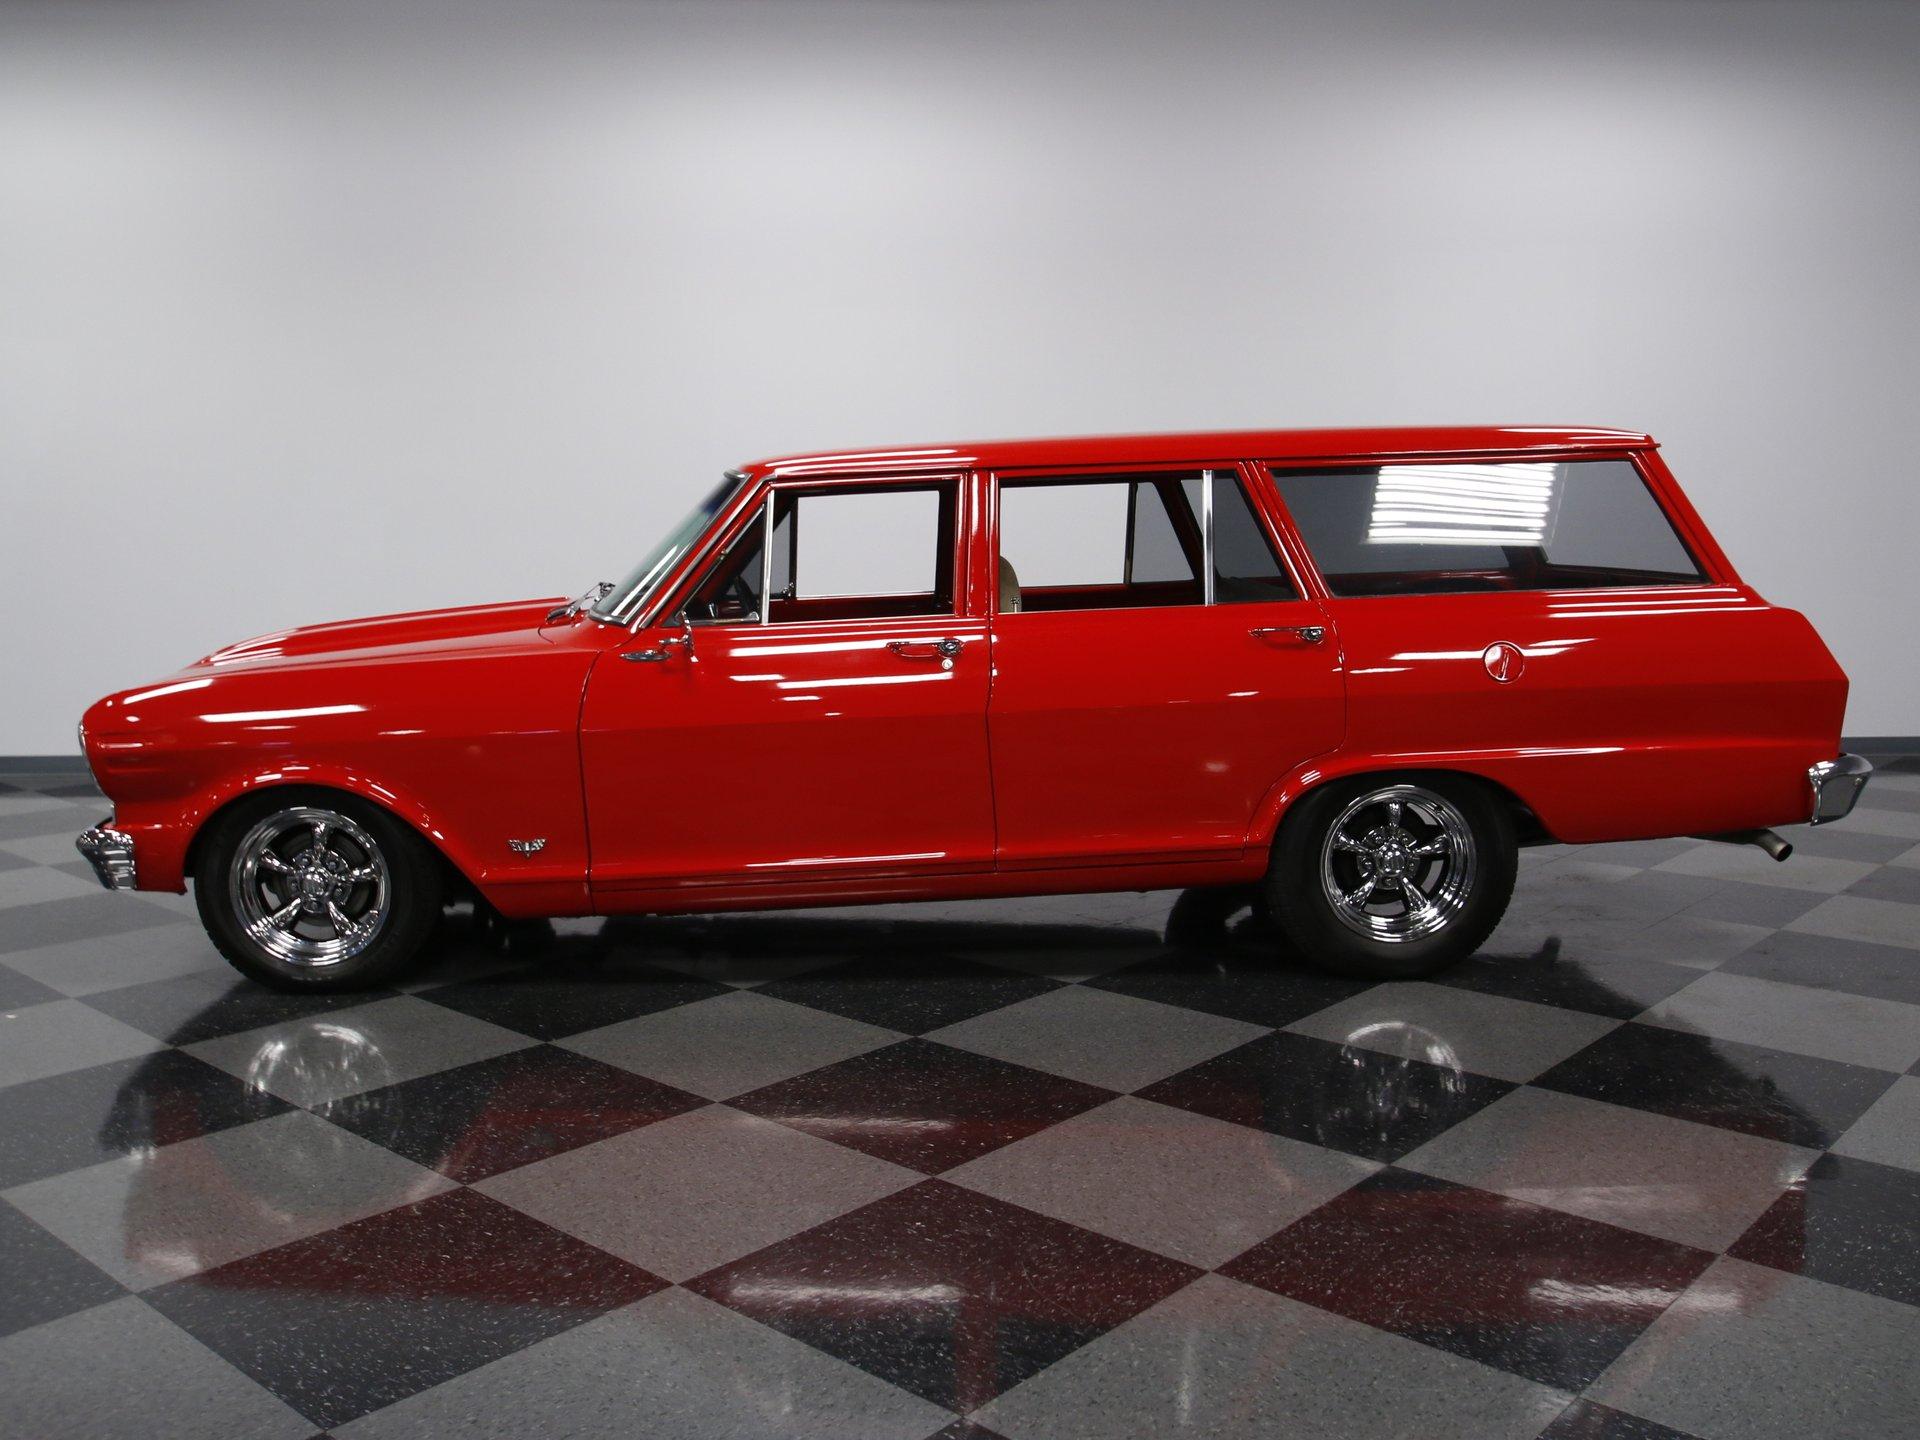 1963 chevrolet nova chevy ii restomod wagon